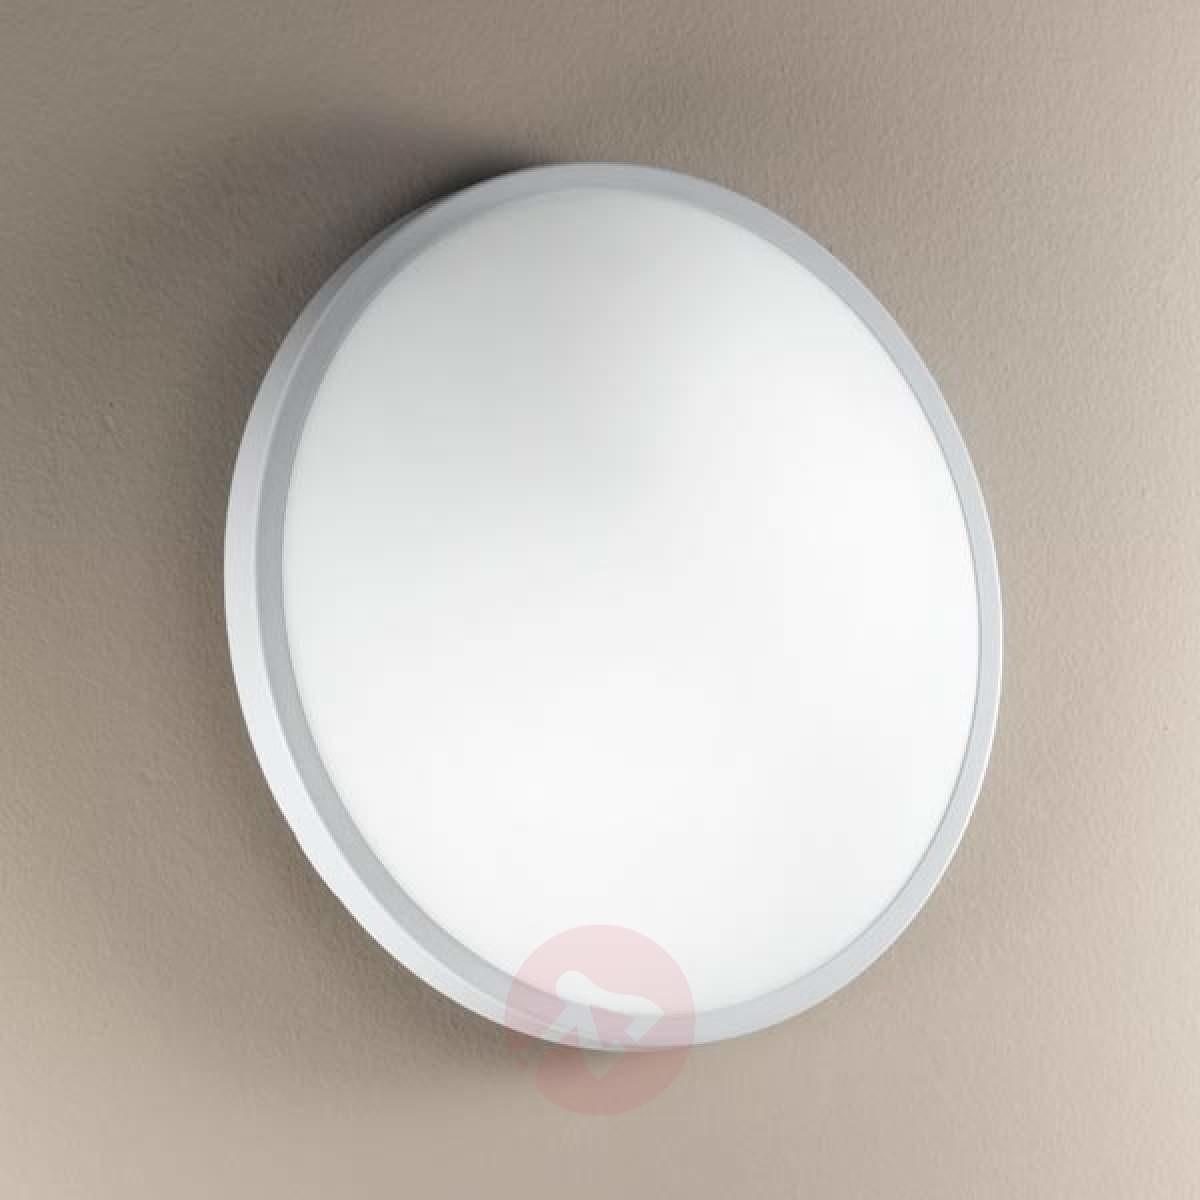 Fabas Luce PLAZA Szklana lampa sufitowa i ścienna 21,5cm